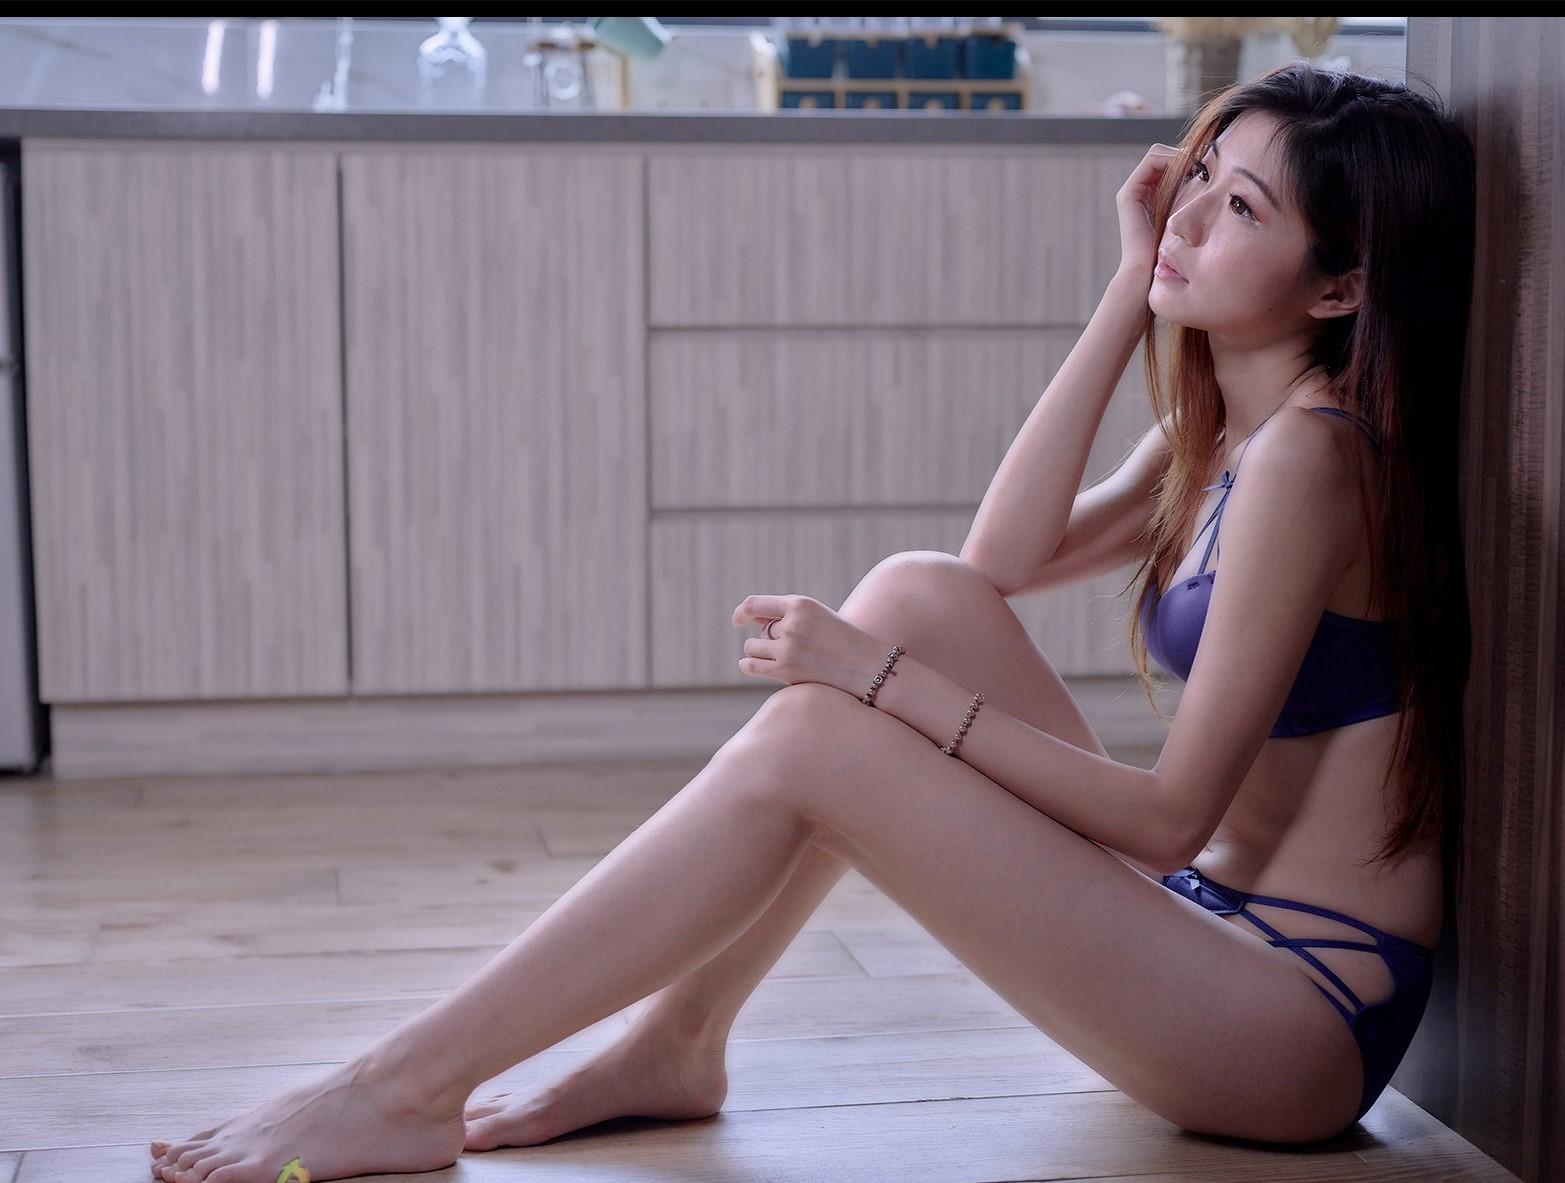 【網路收集】福利姬╴Rita Li 美模性感內衣秀 - 貼圖 - 絲襪美腿 -